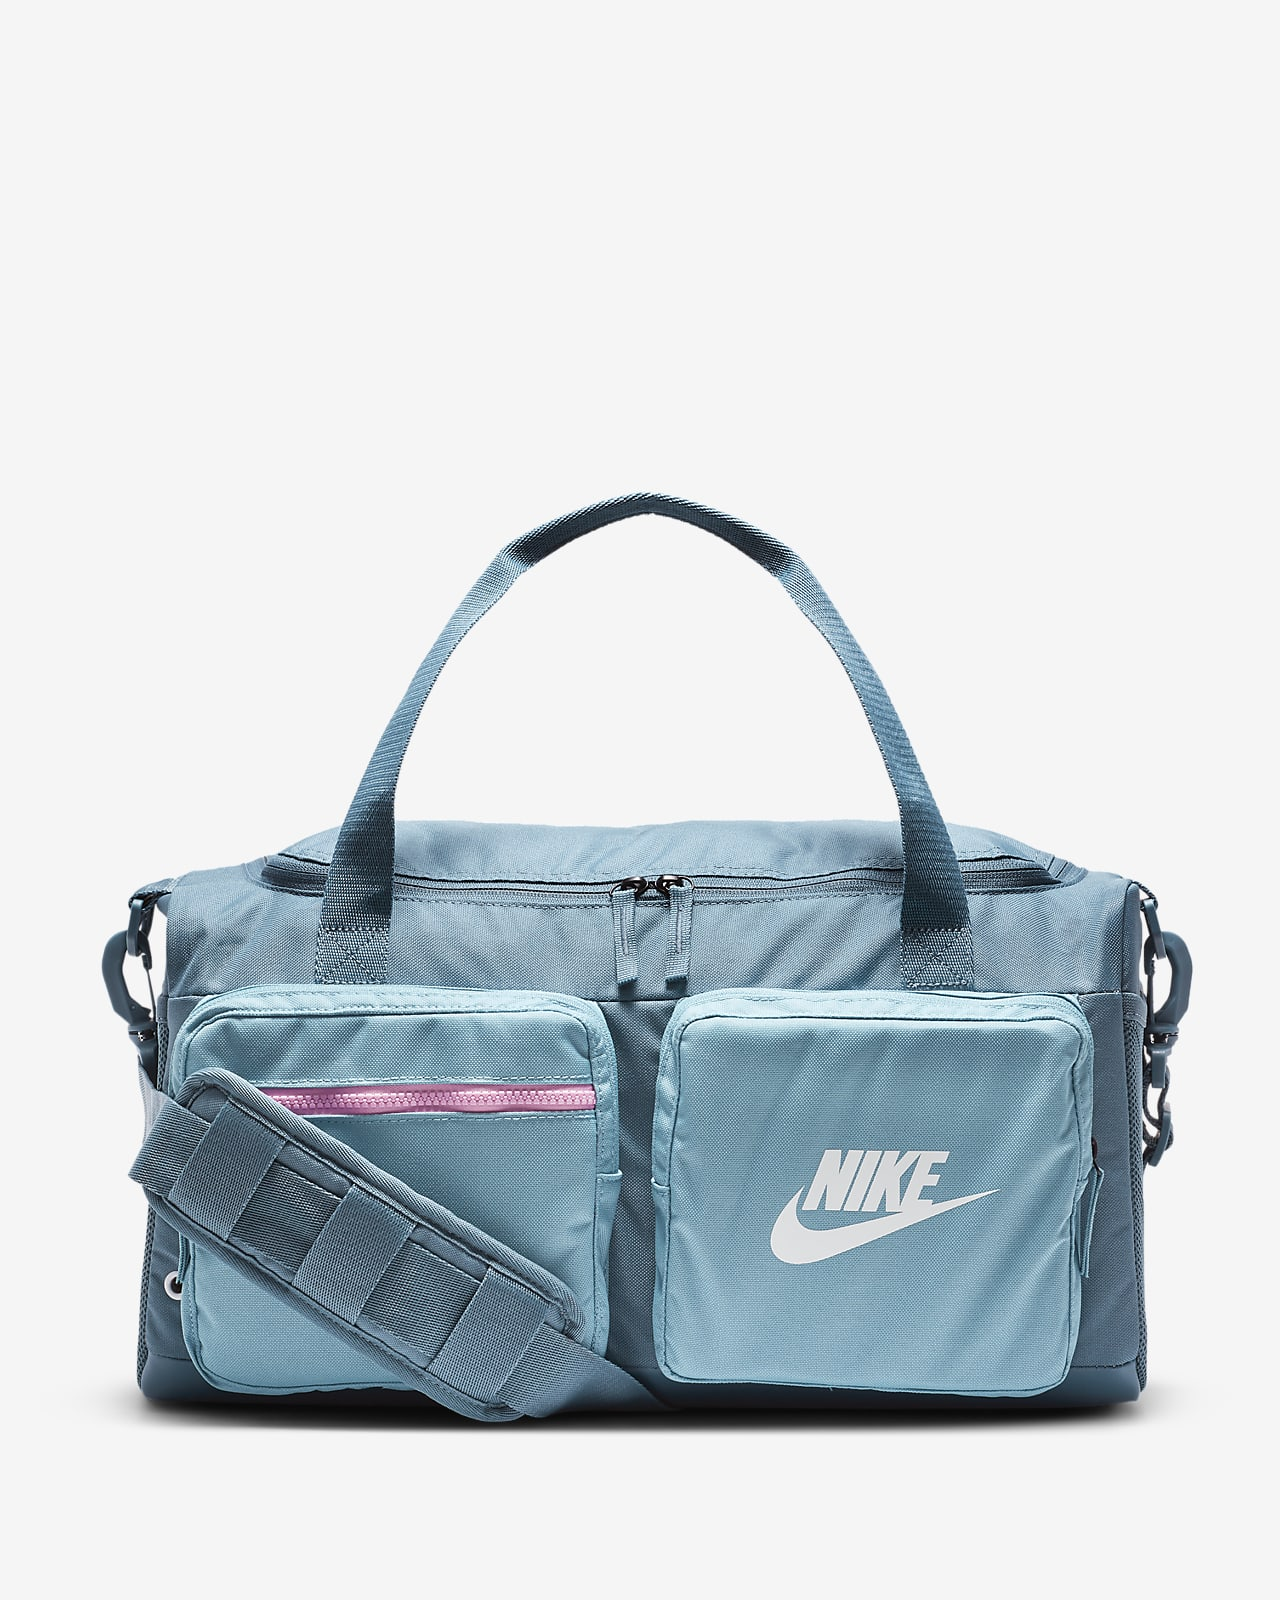 Παιδική τσάντα γυμναστηρίου Nike Future Pro